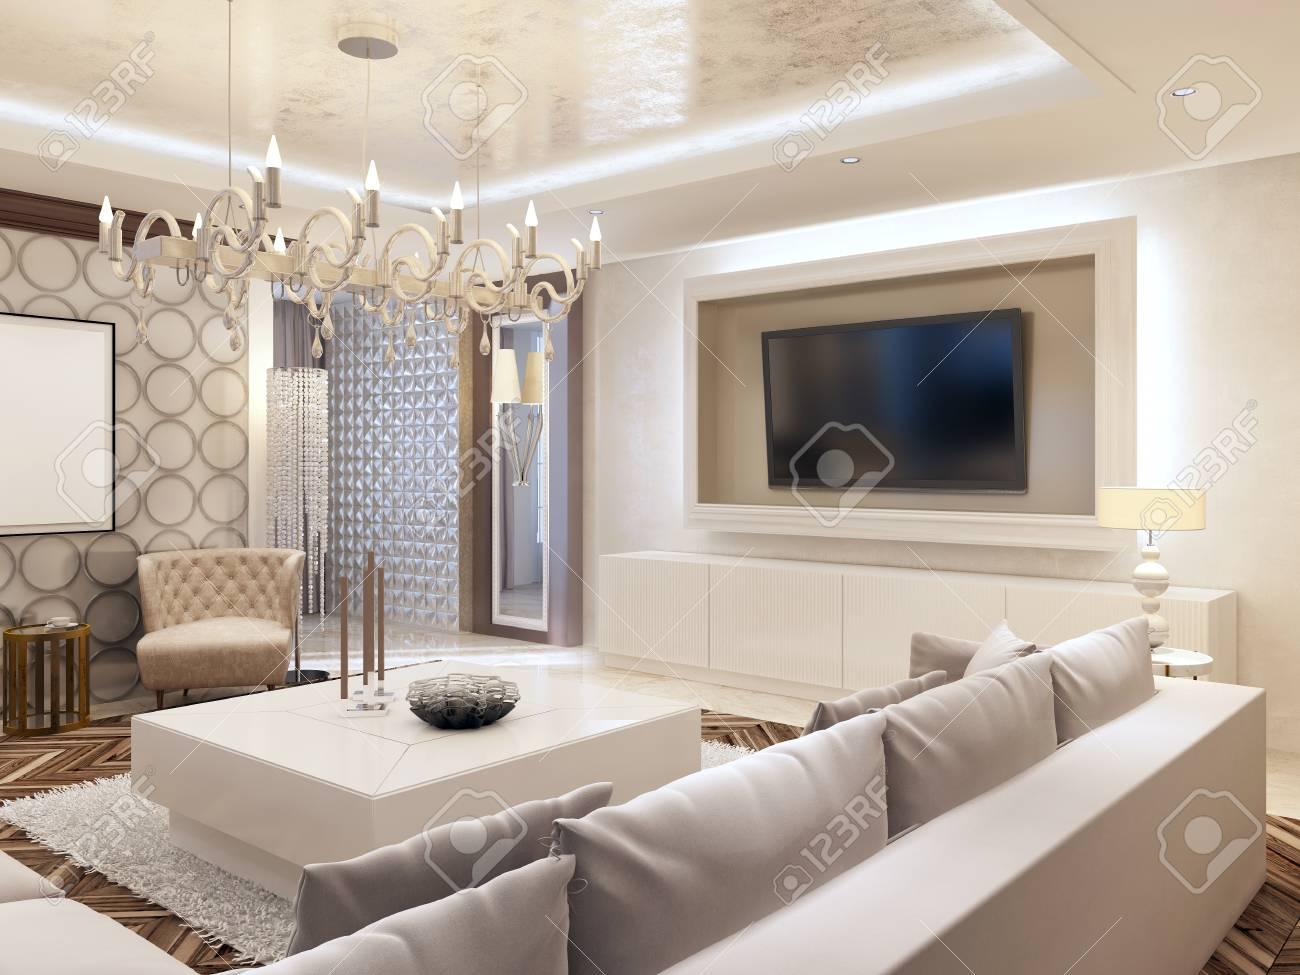 Moderne Woonkamer In Witte Kleuren Met Geïntegreerde Opslag Voor De ...